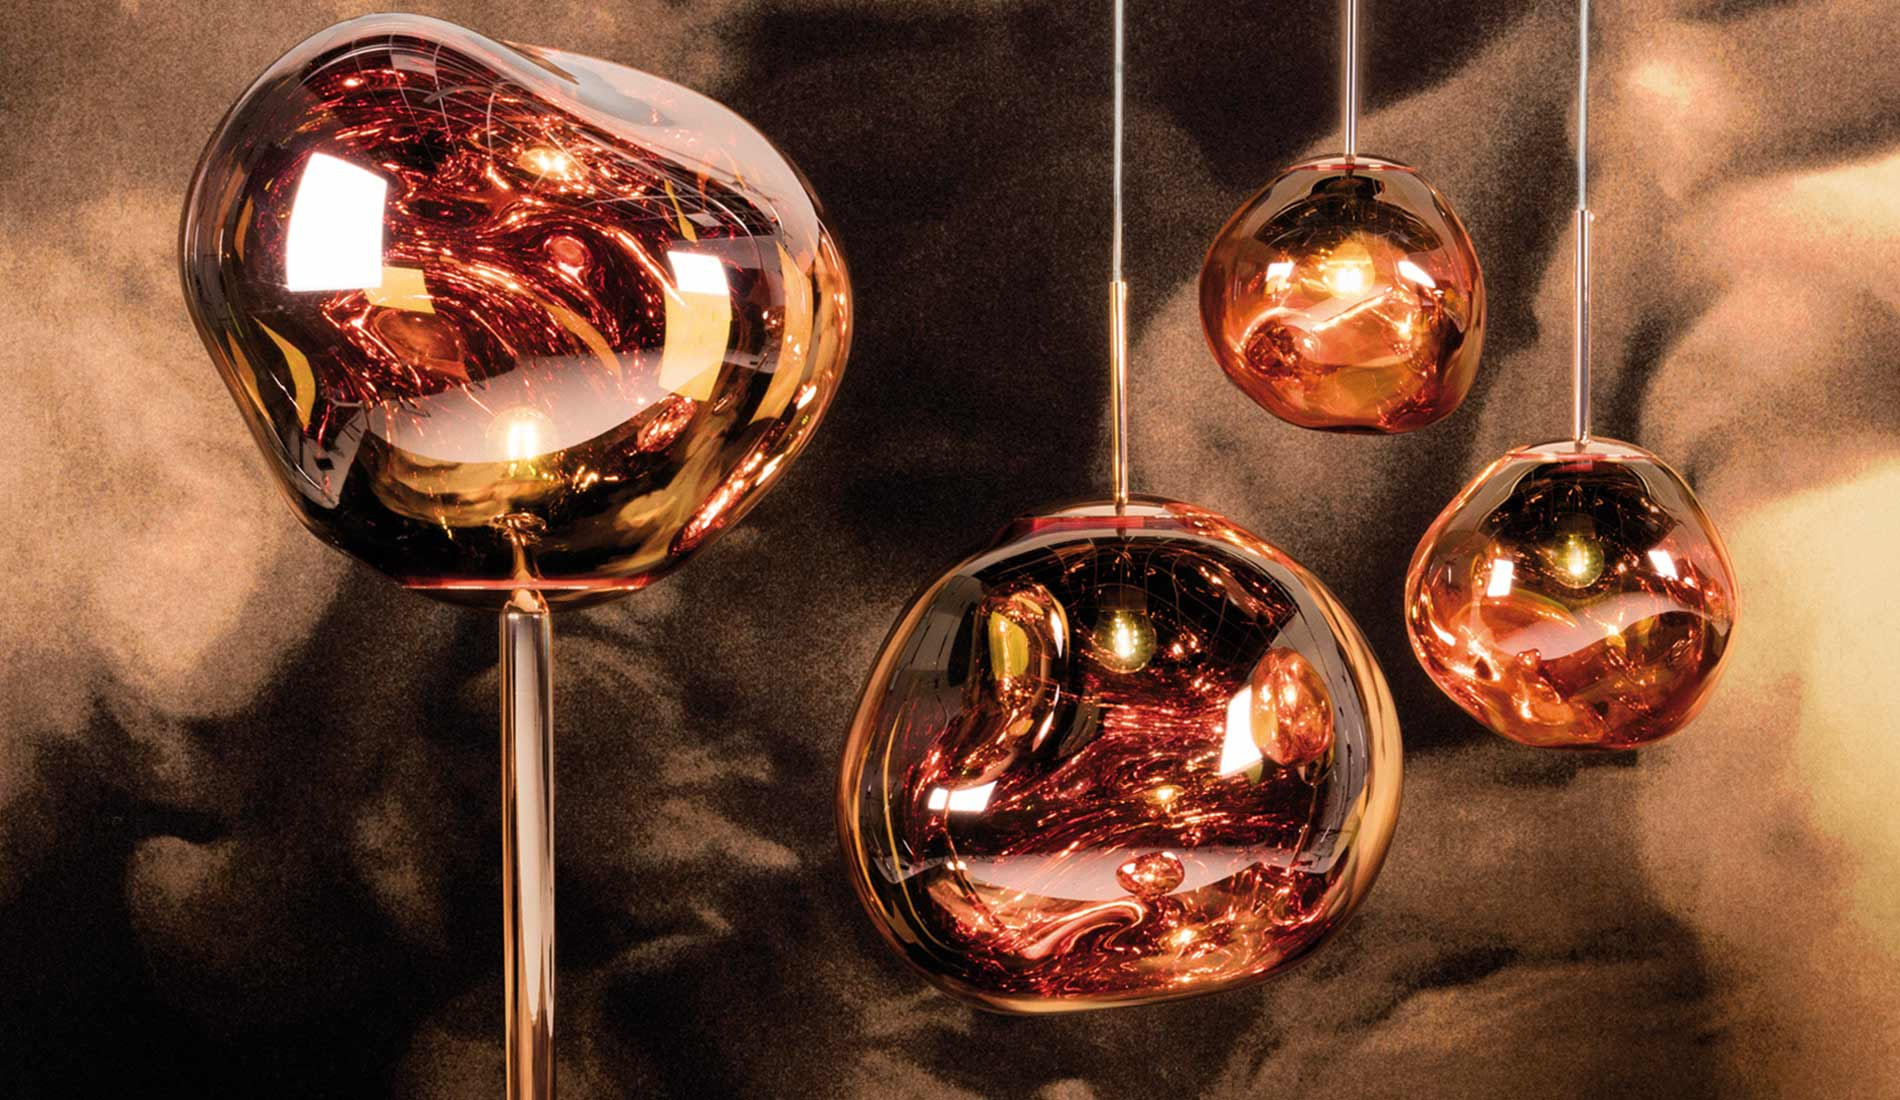 tom-dixon-melt-copper-floor-detail-3.jpg